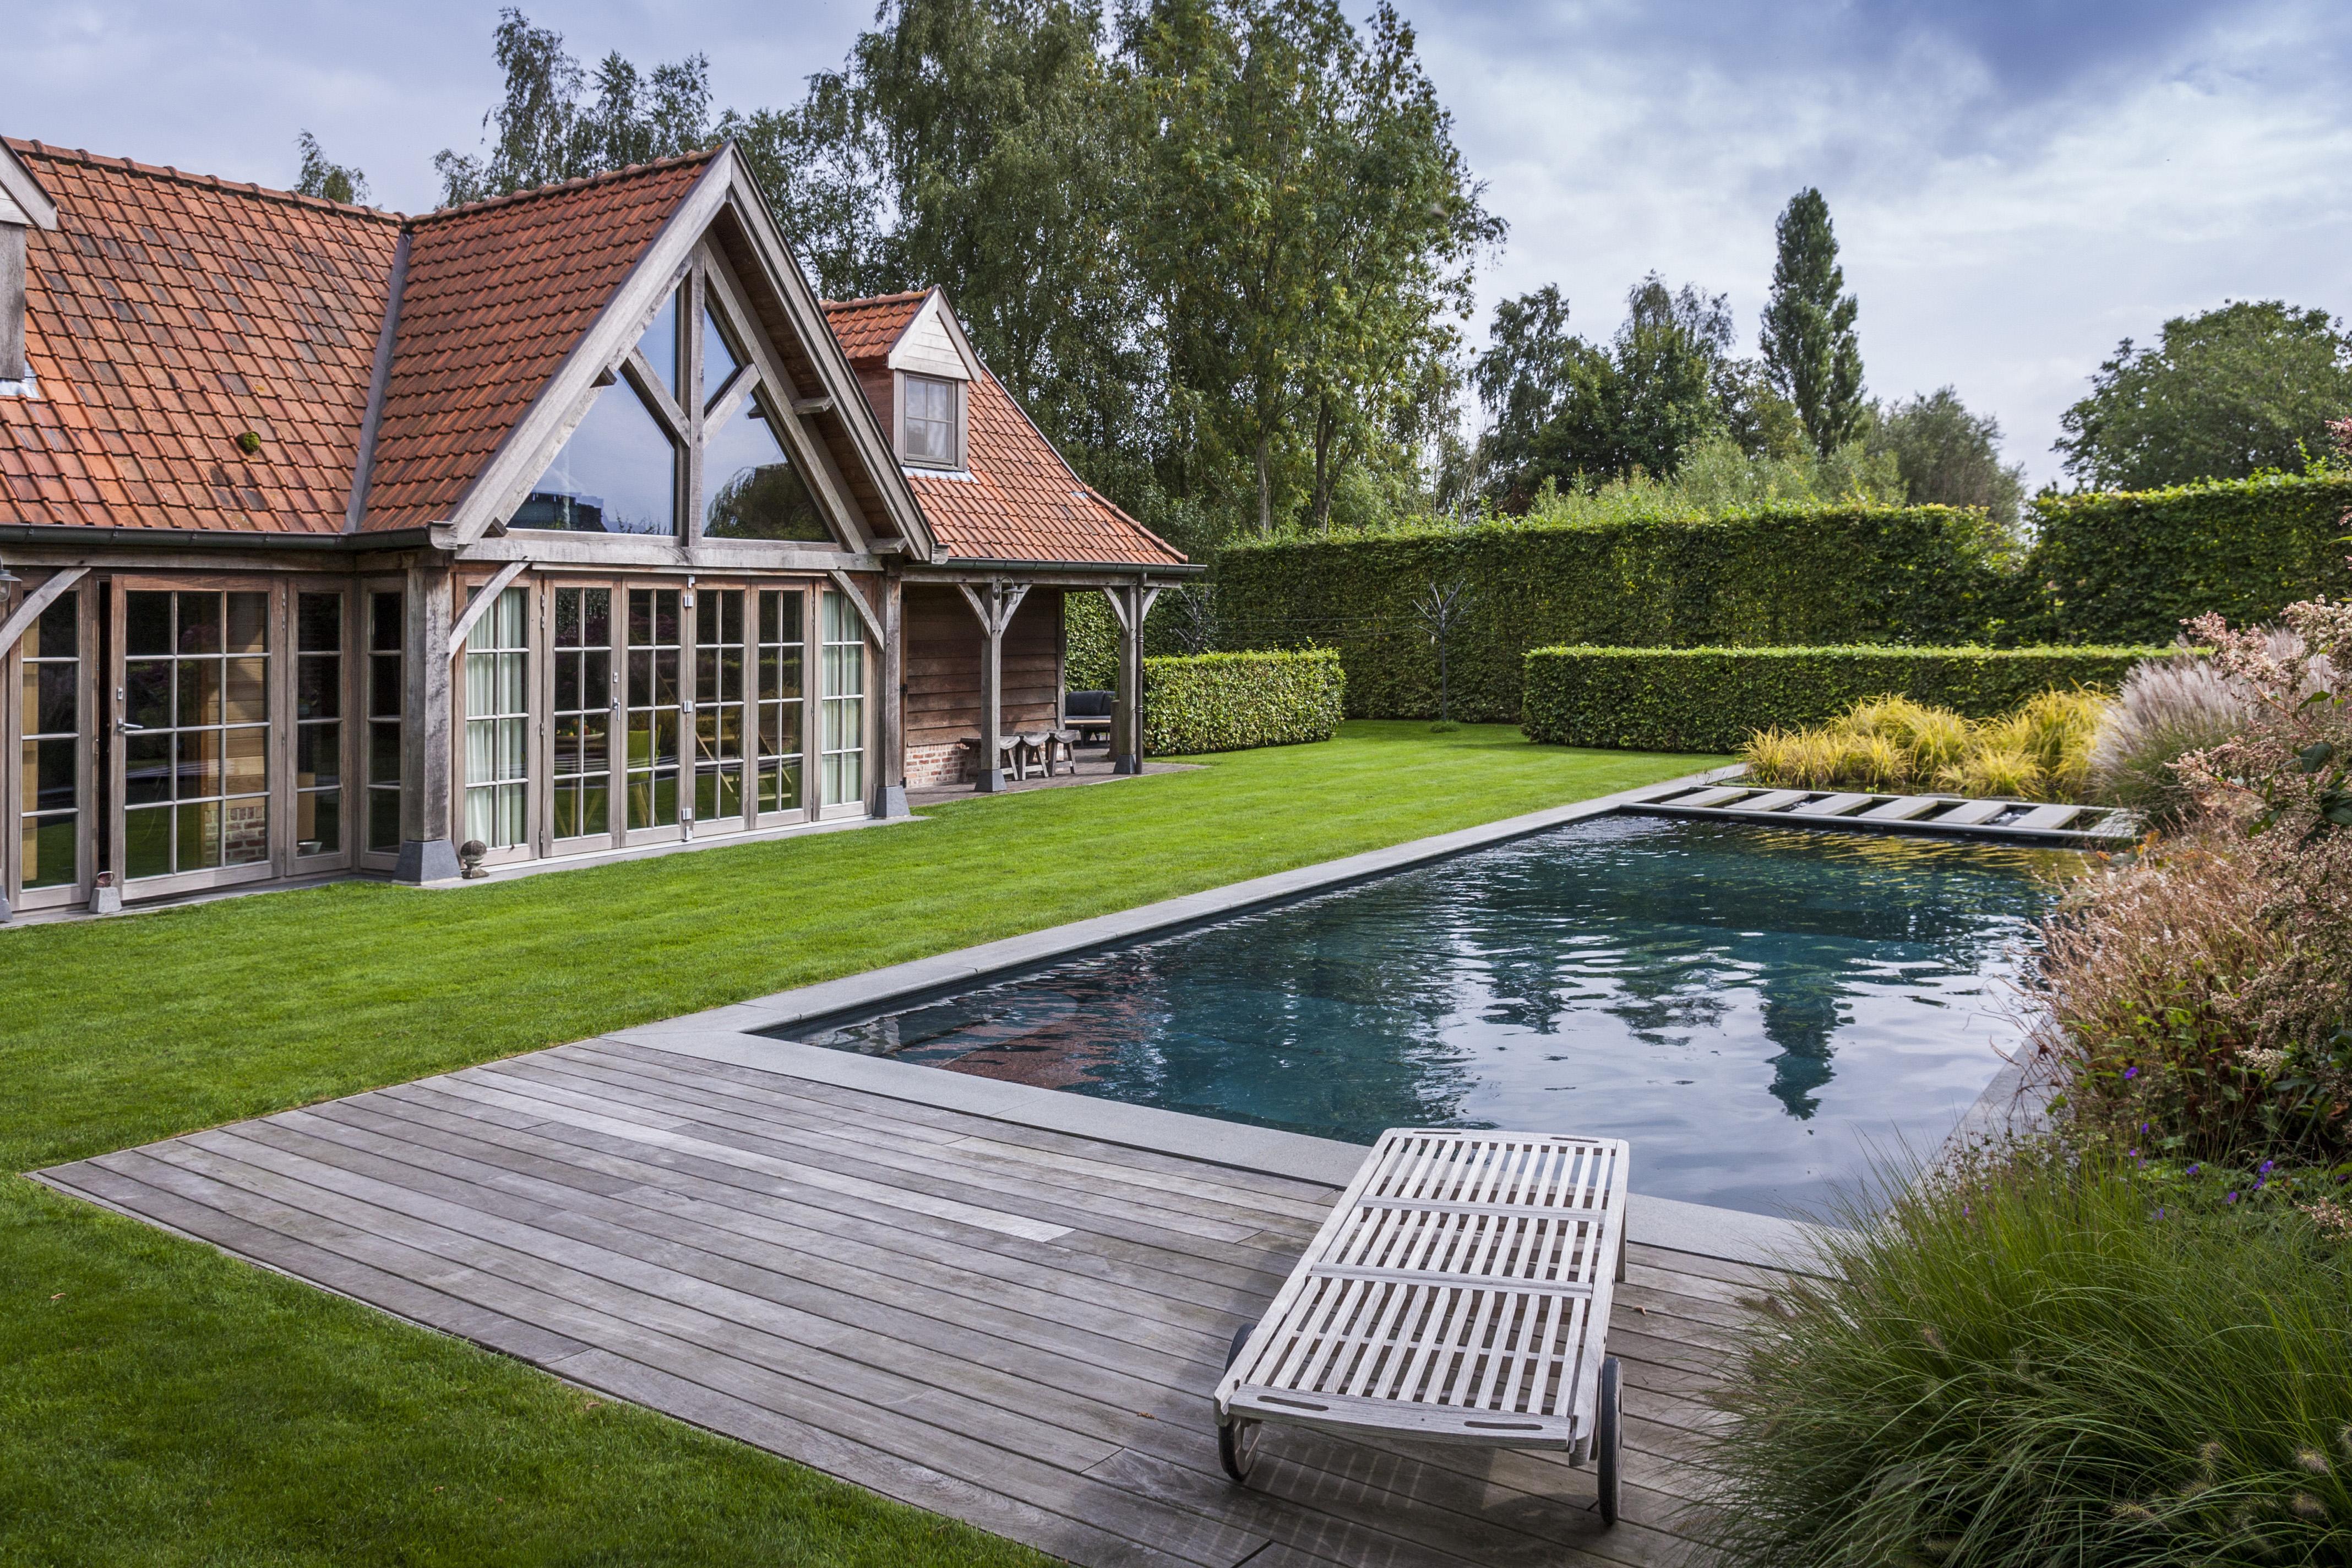 Zwembad van h construct zwemvijver voor mens en vis